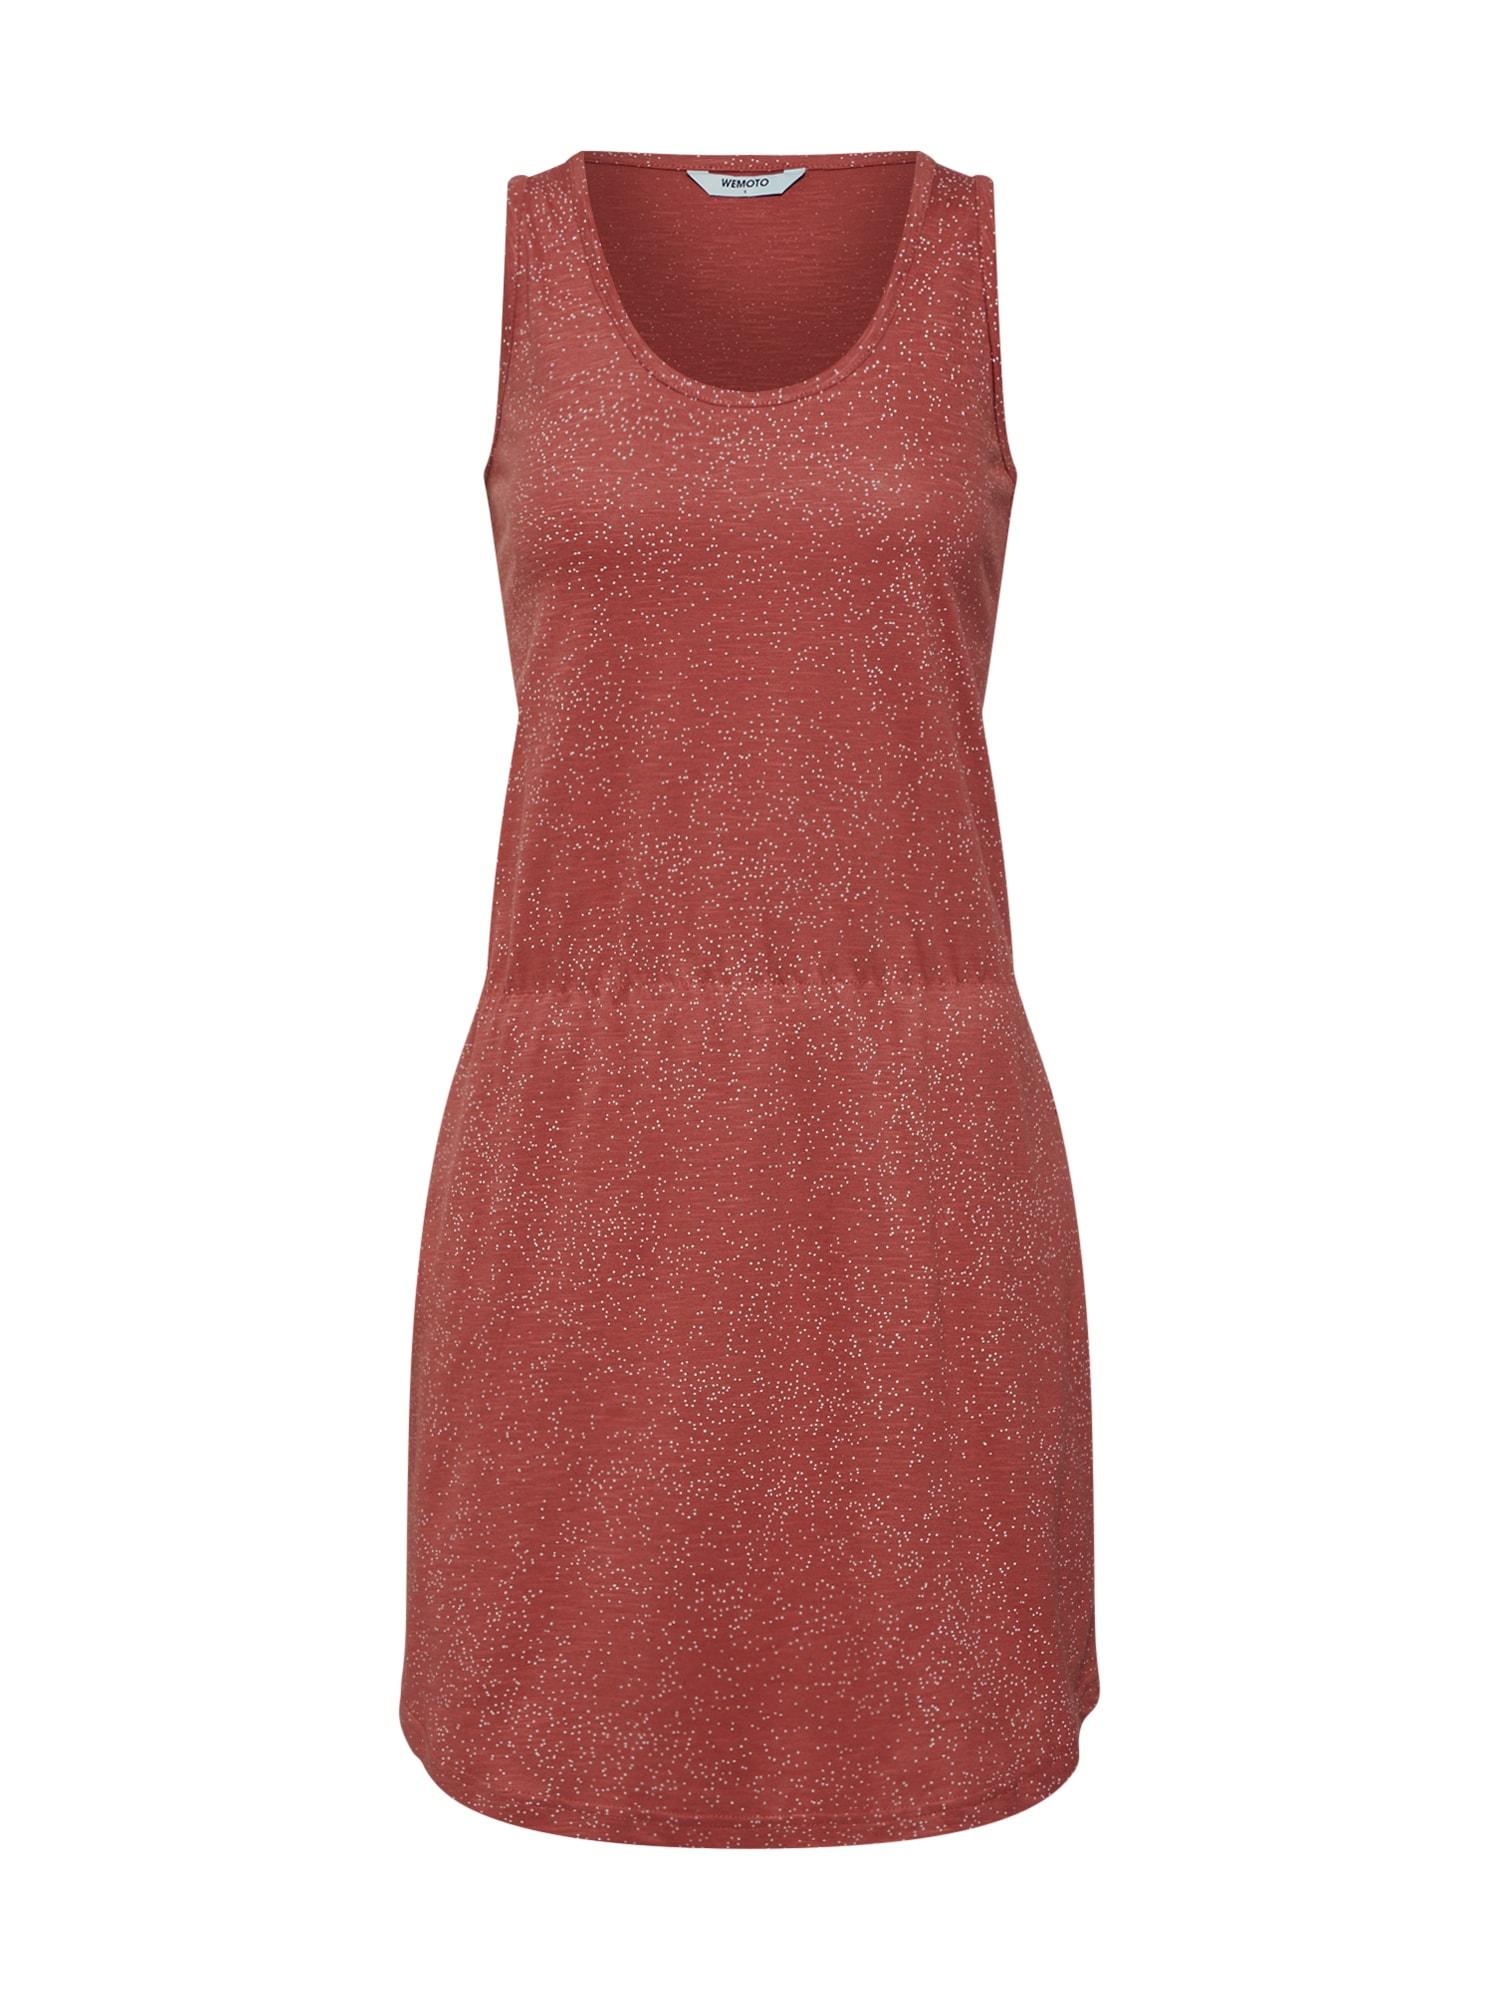 Šaty New Tavi Printed červená bílá Wemoto